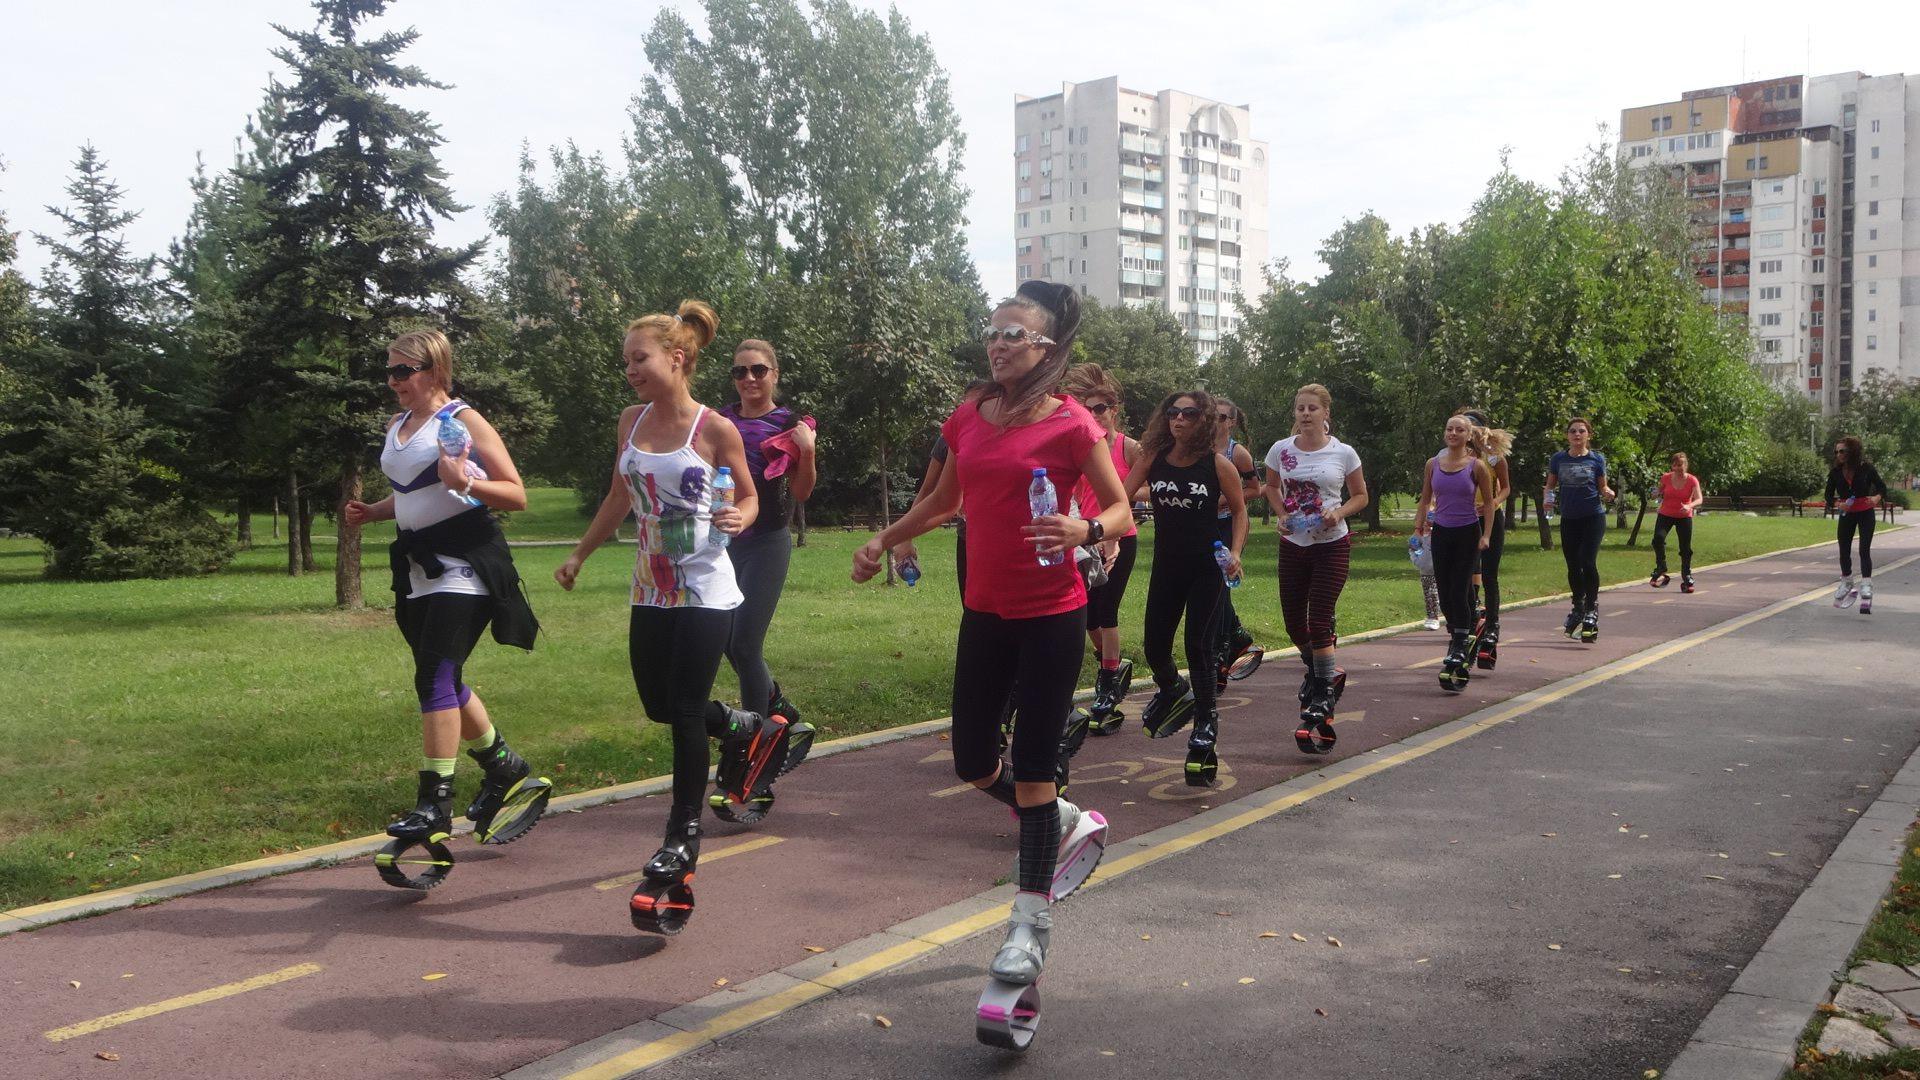 30eb014c90b Горенето на калории е с 25% по-ефективно спрямо другите фитнес програми.  Препоръчва се поне 3 пъти седмично да се тренира с Kangoo Jumps обувки.